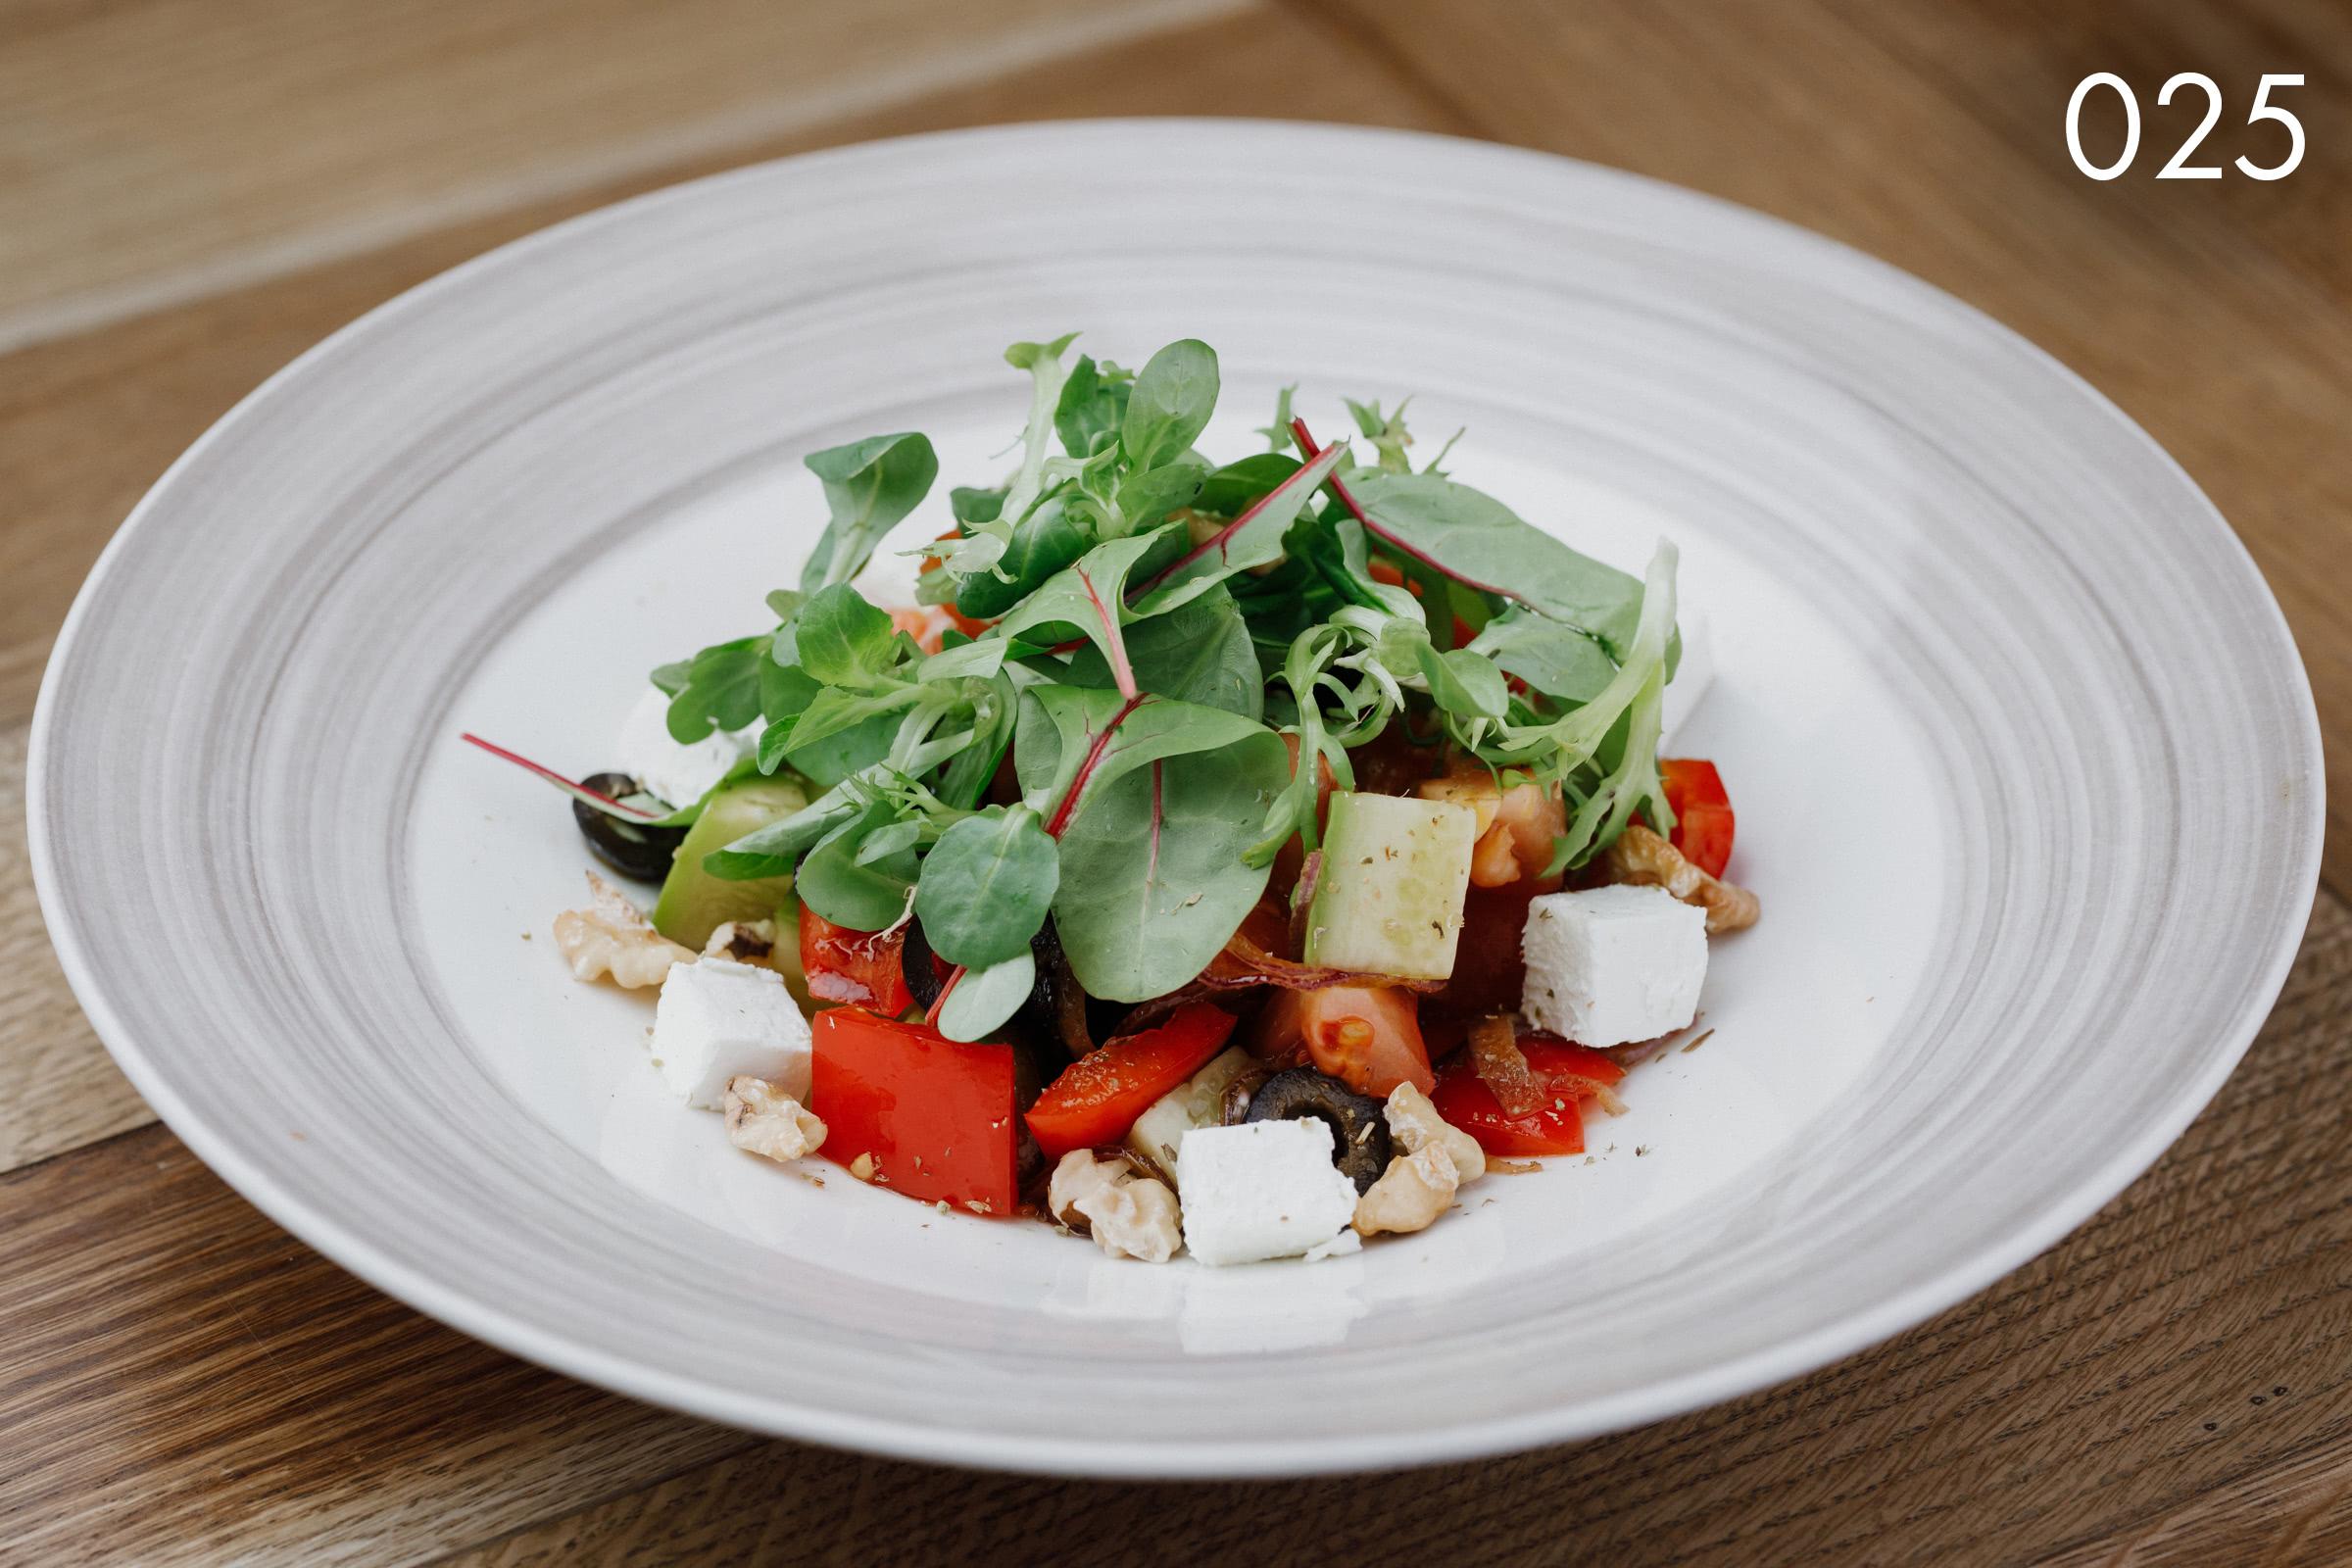 салат овощной с сыром фета и грецким орехом в ресторане Веранда